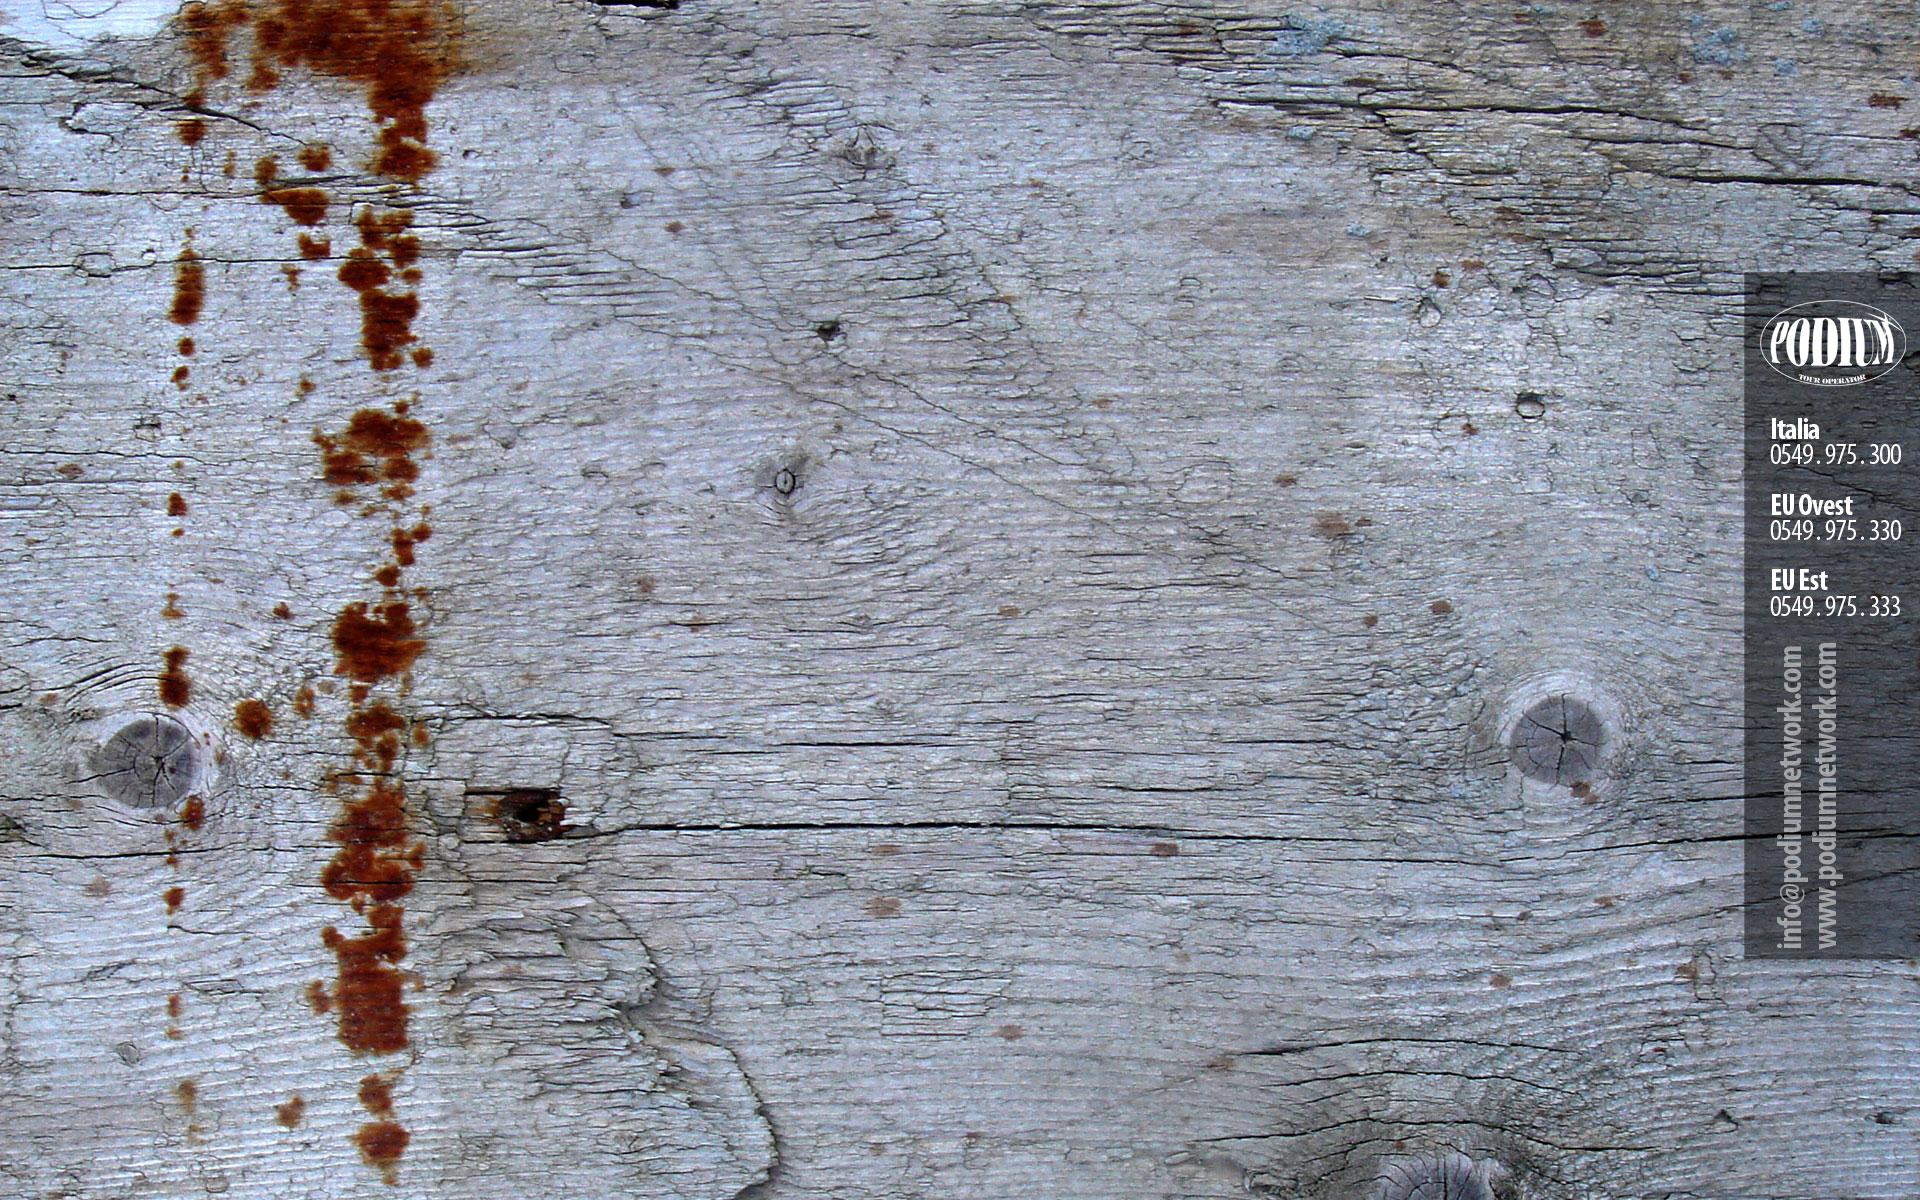 Sfondi desktop hd assa di legno podiumblog for Immagini hd desktop